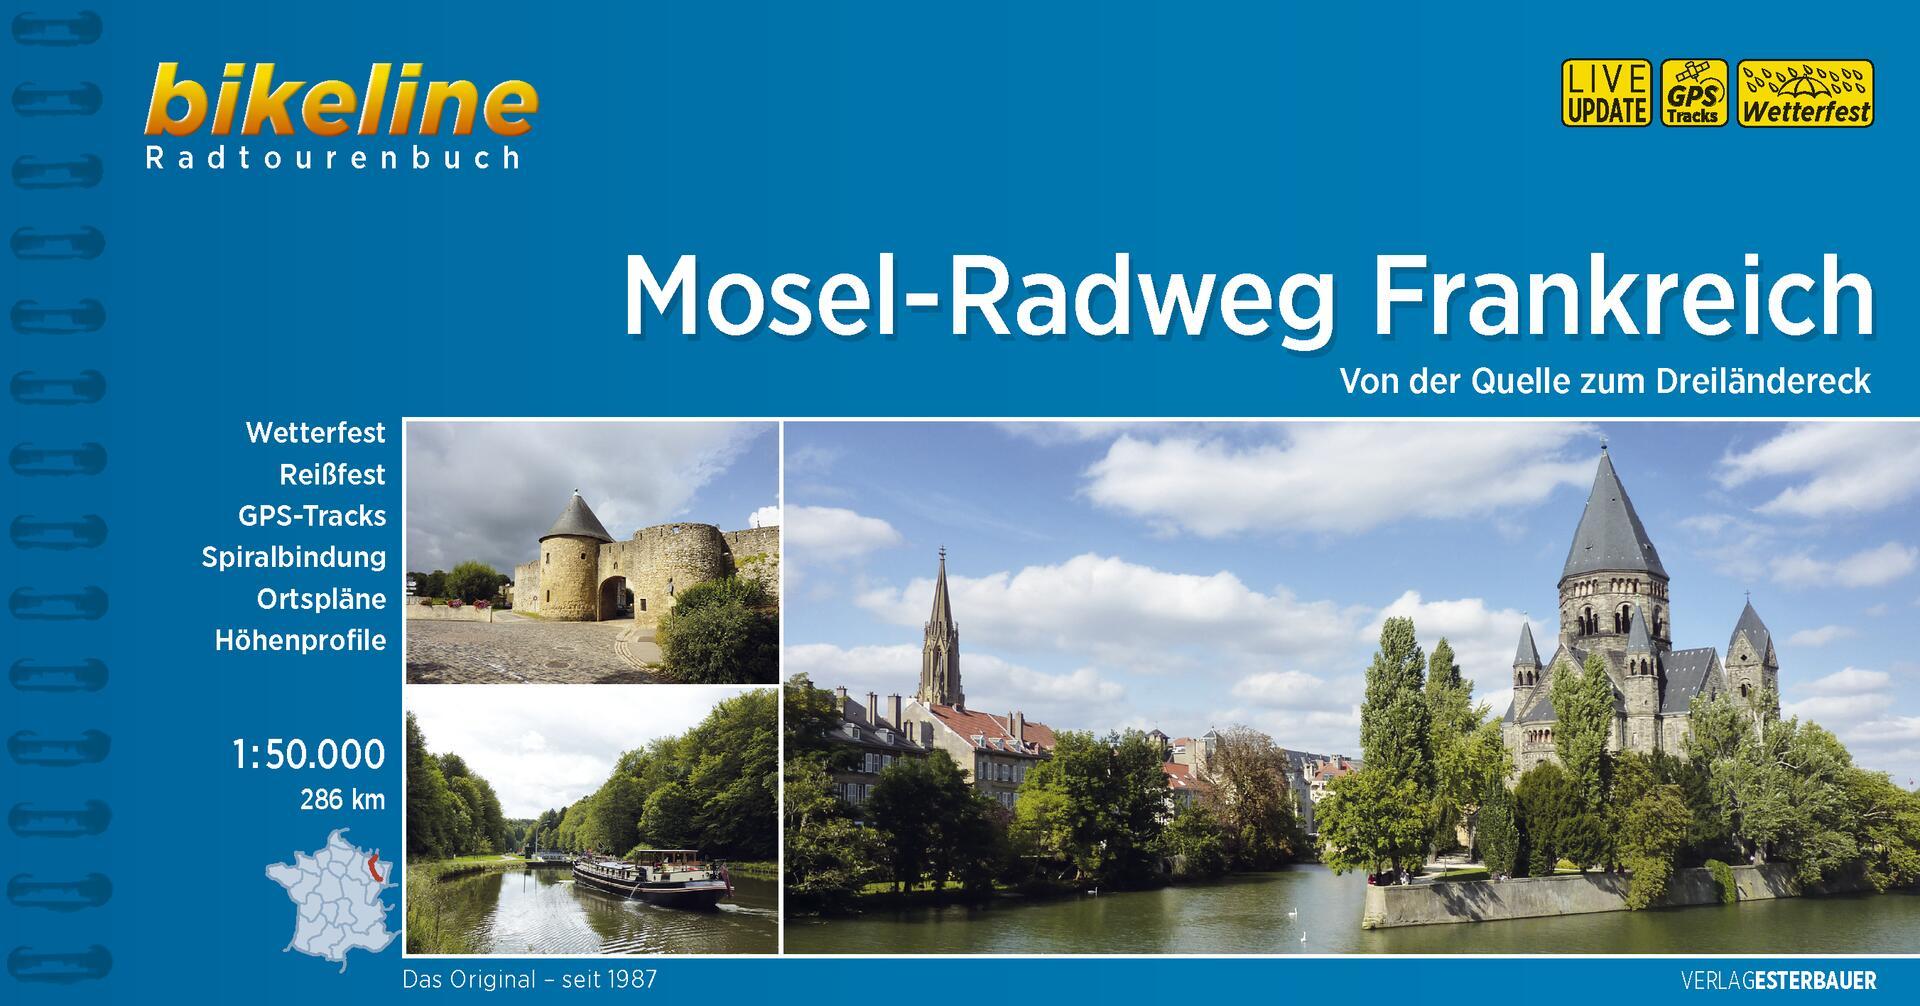 Foto vom Mosel-Radweg Frankreich